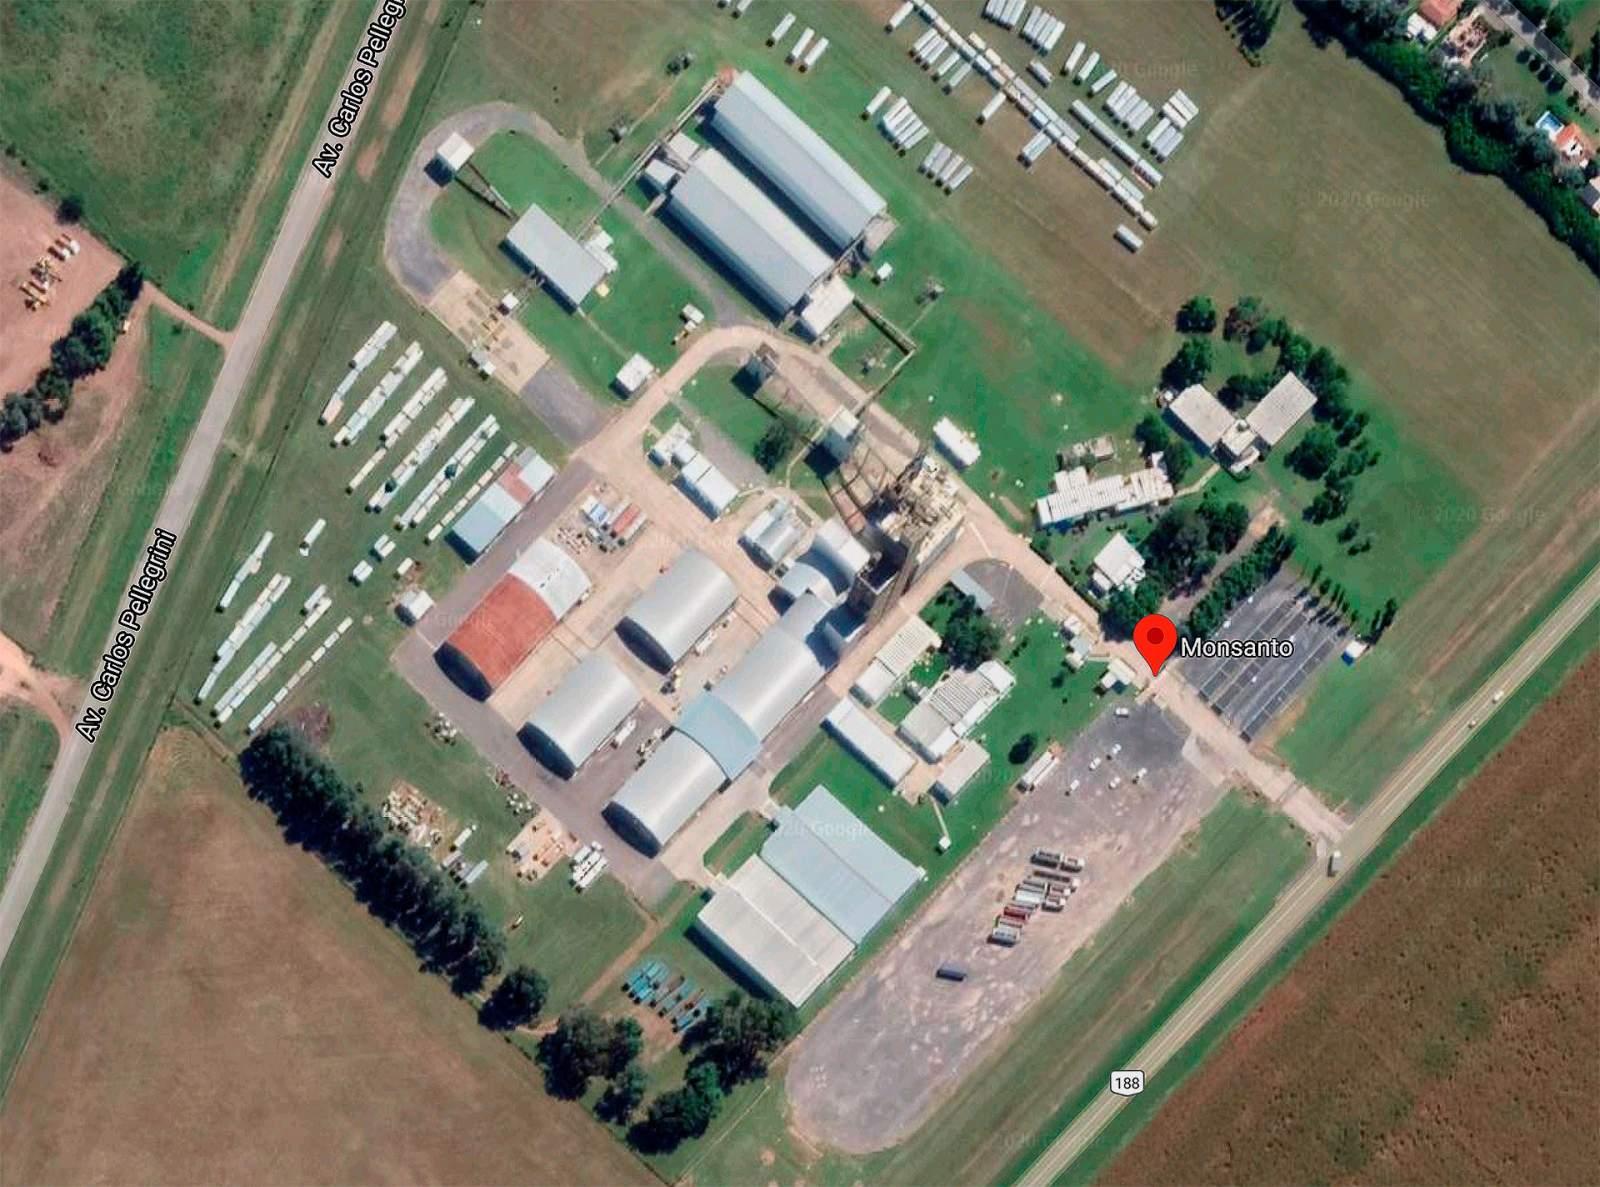 Monsanto2-proyecto-saxum-mineria-industria-construccion-empresas-ingenieria-argentina-litio-cementera